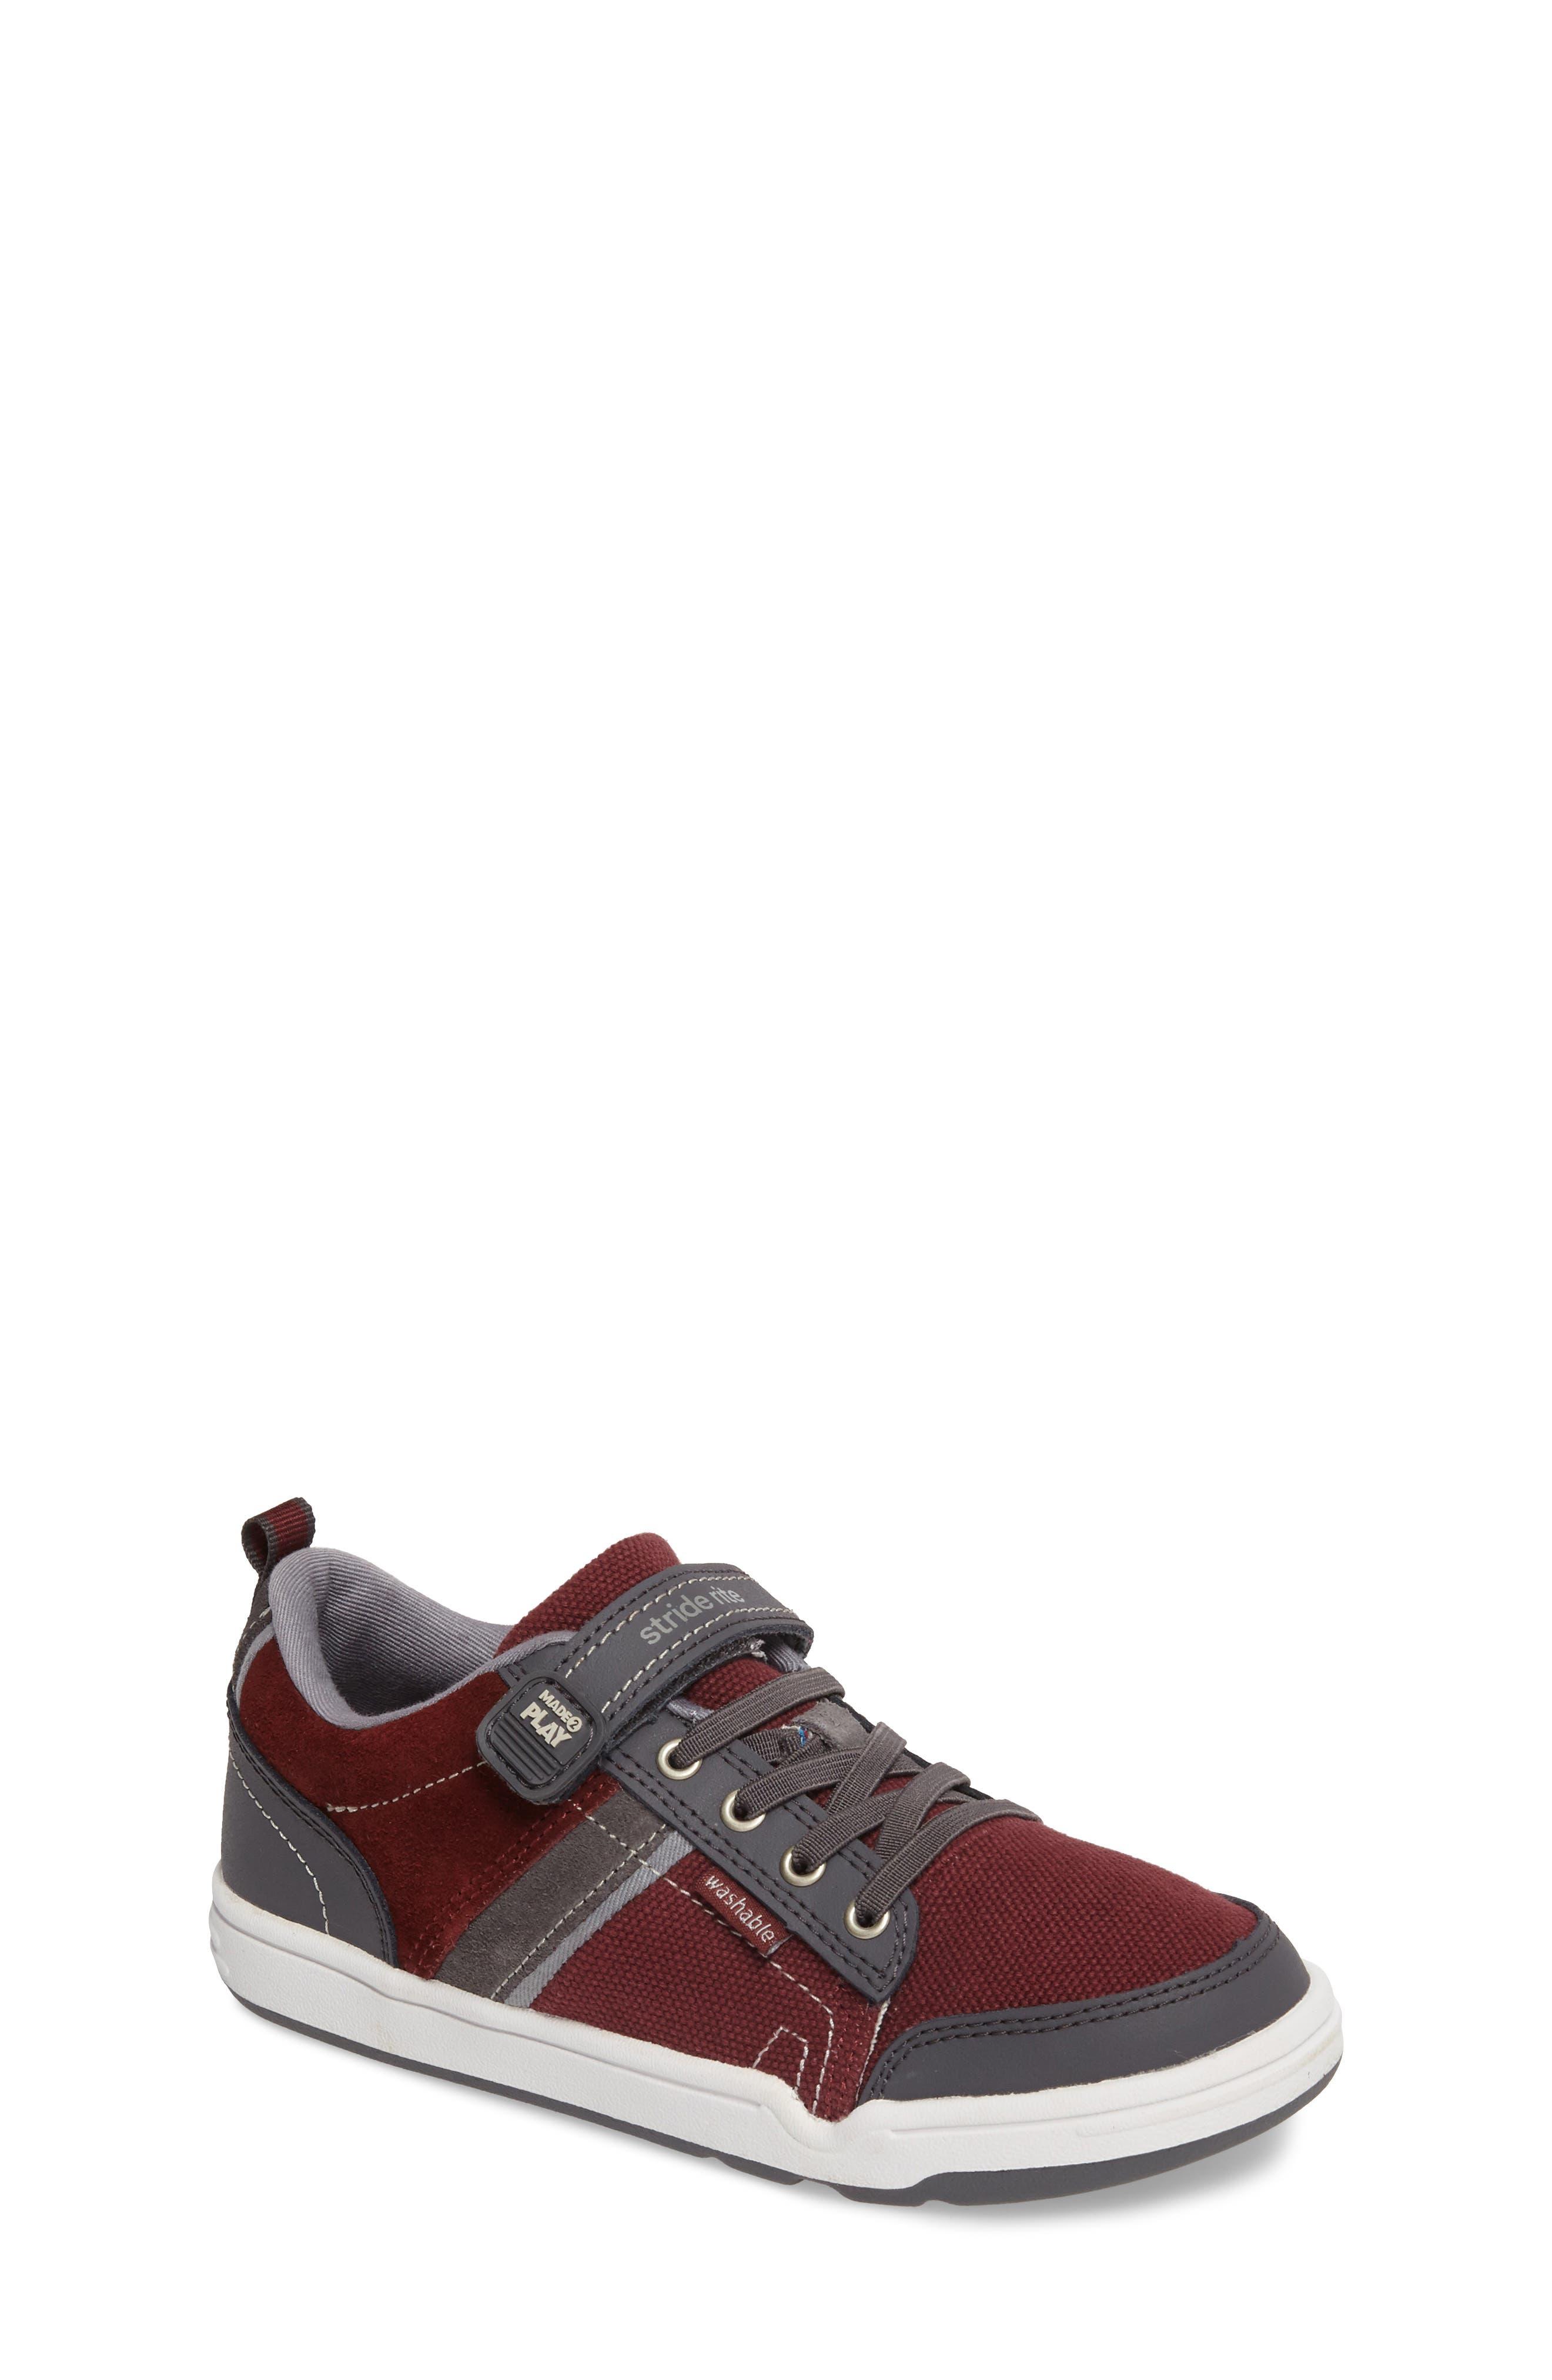 'Made 2 Play<sup>™</sup> - Kaleb' Sneaker,                             Main thumbnail 1, color,                             601